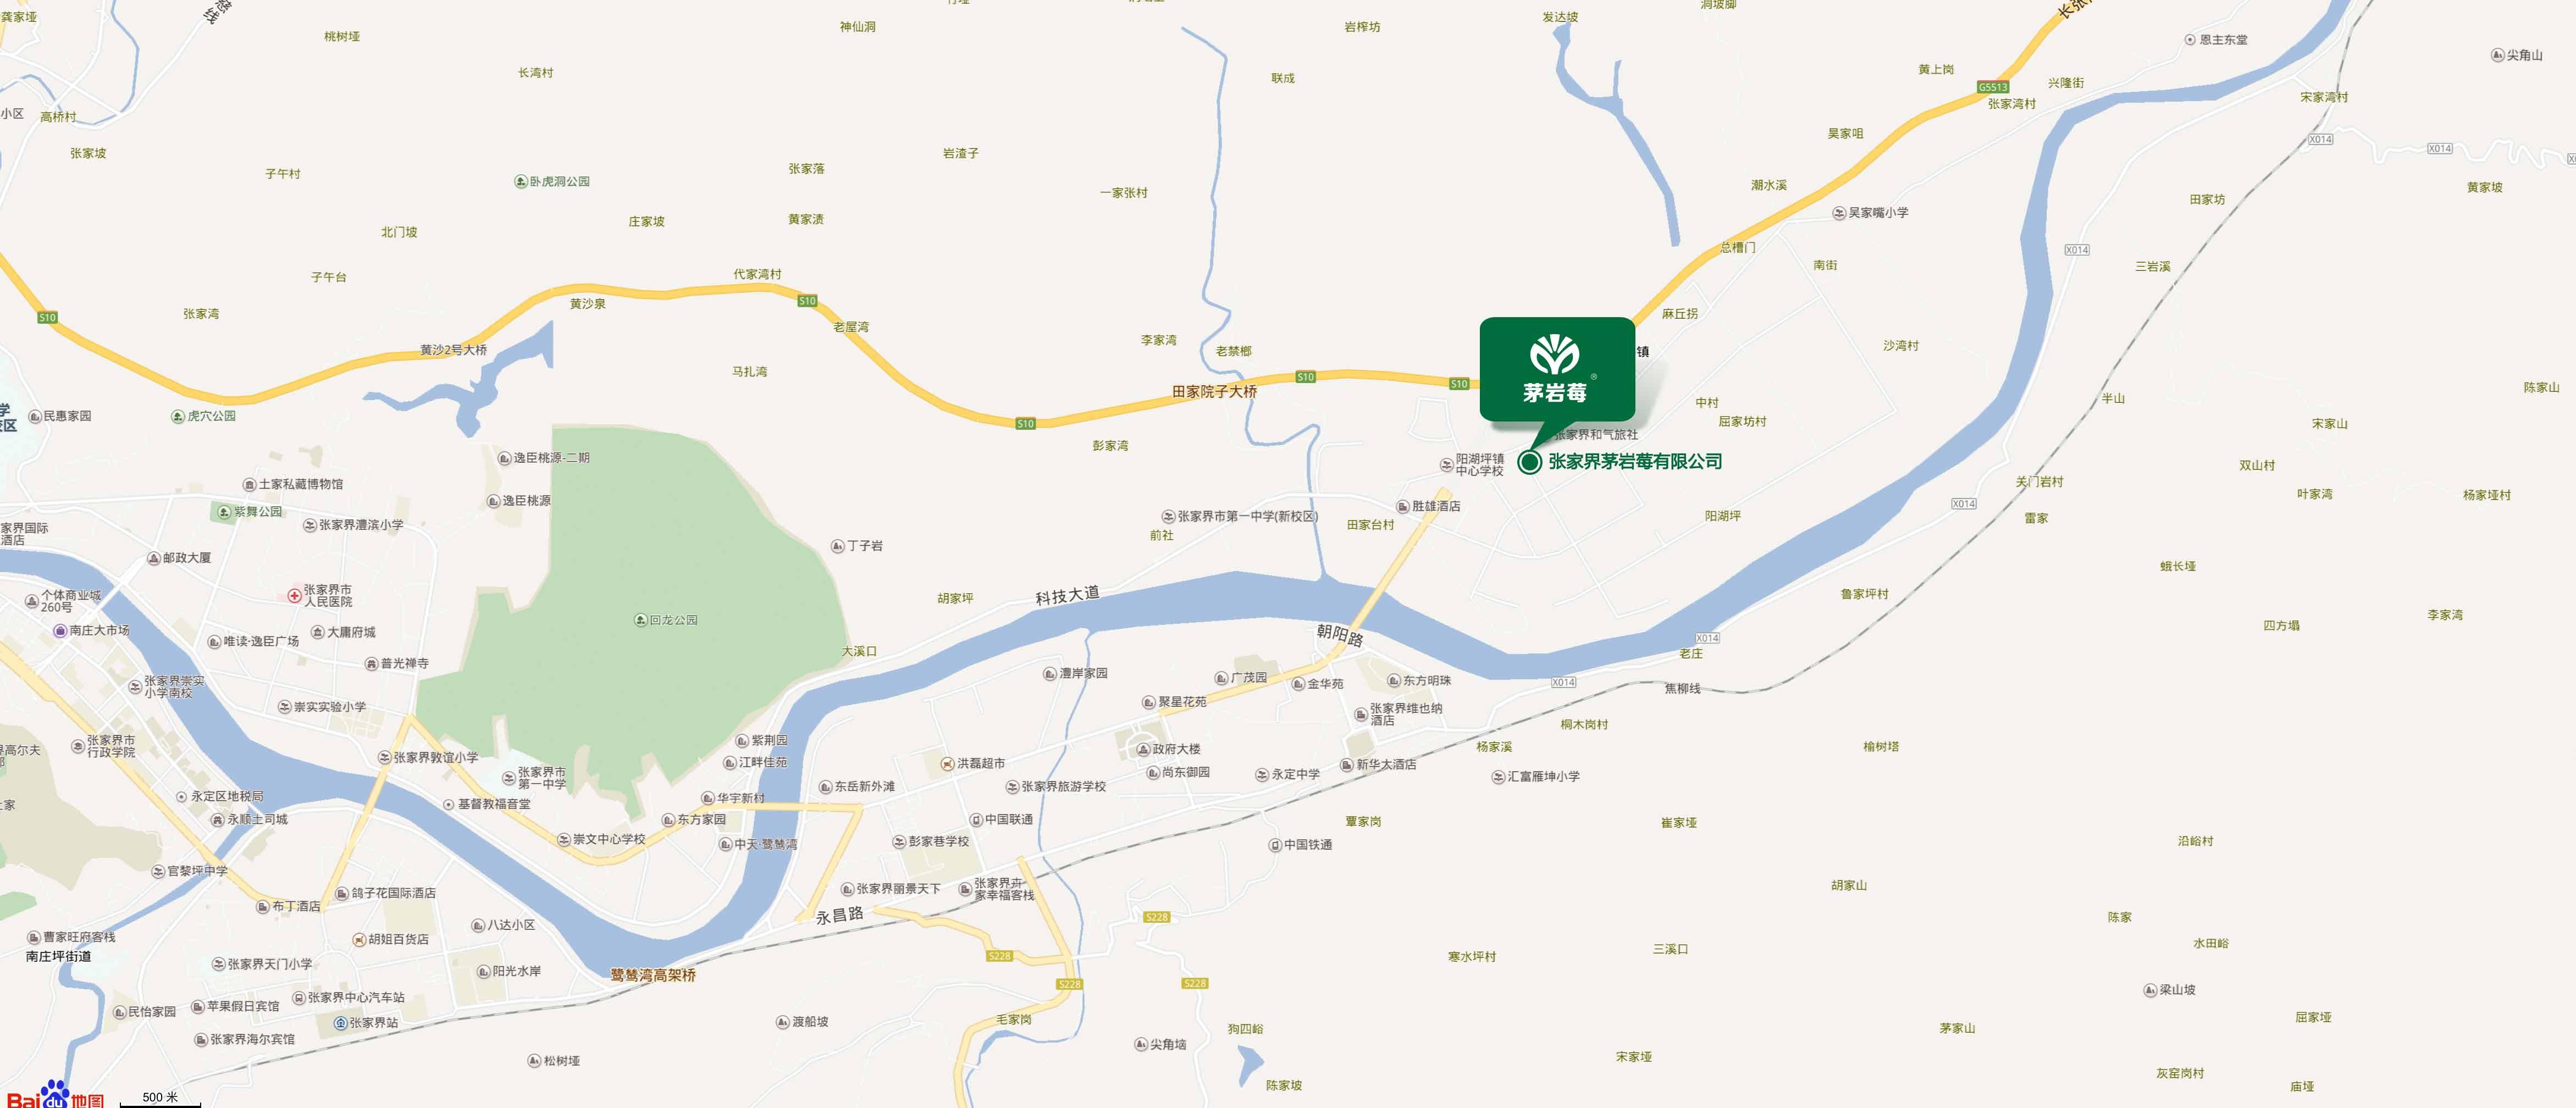 lianxi_map